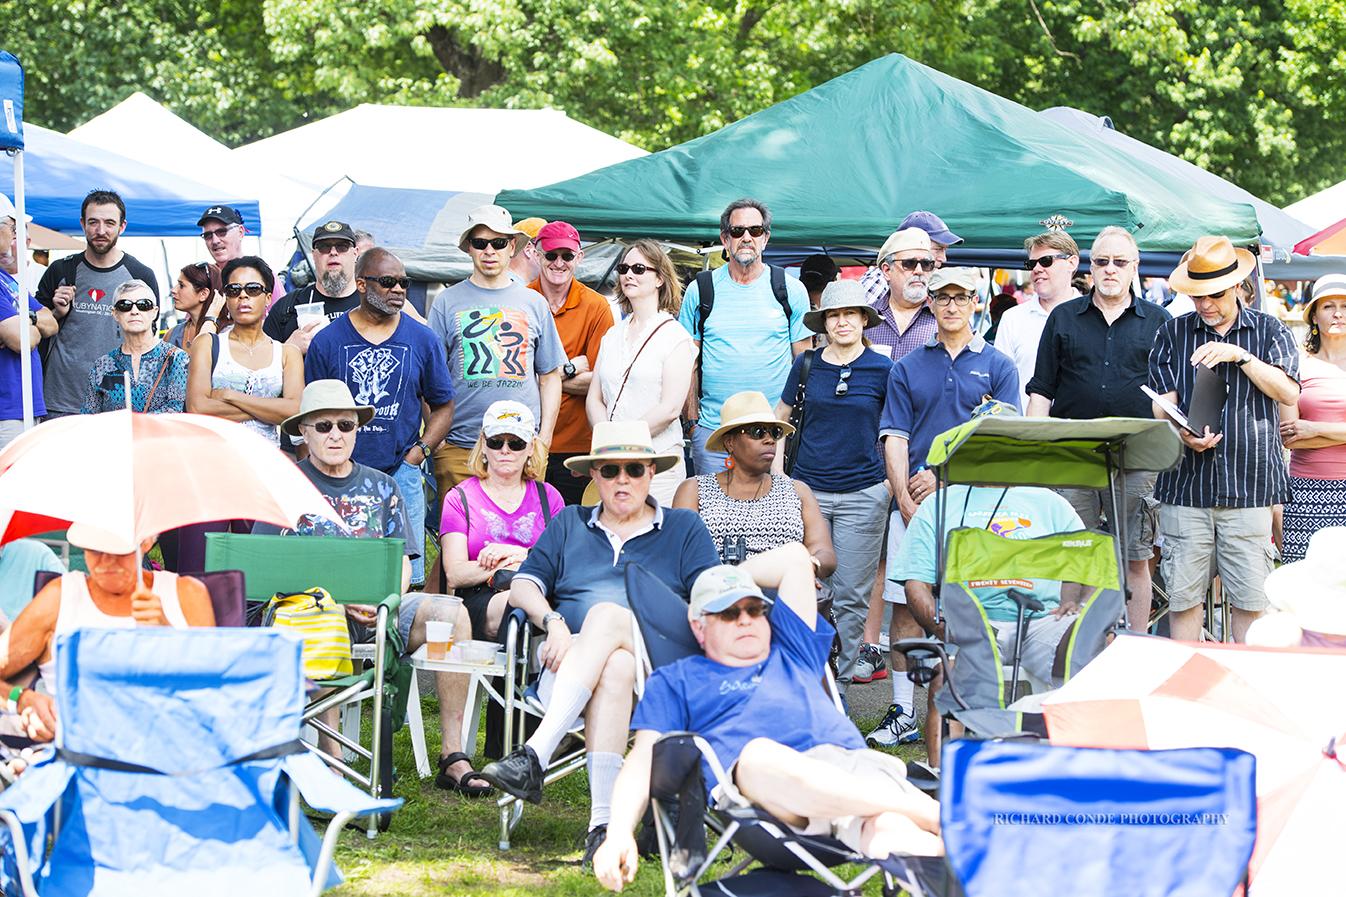 Jazz fans at the Freihofer Saratoga Jazz Festival 2017